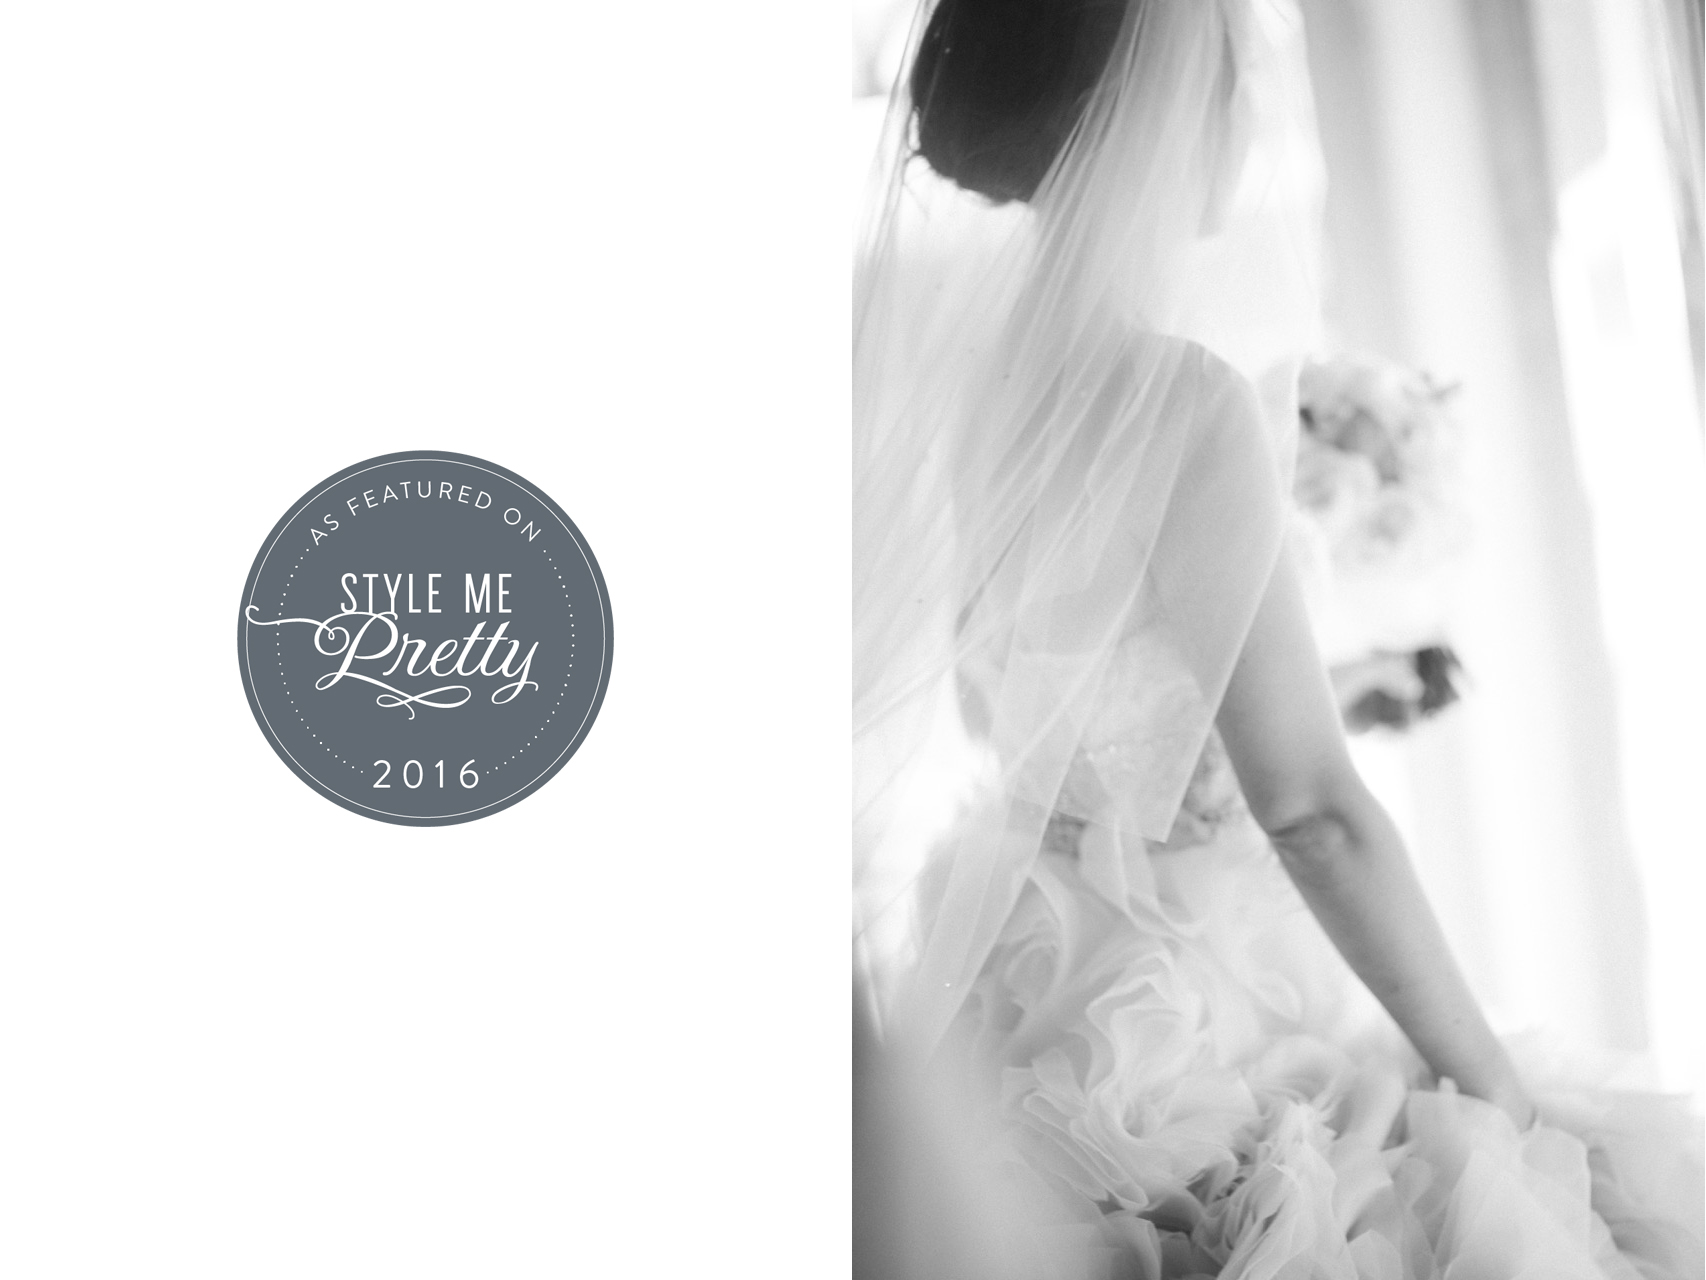 bali_wedding_stylemepretty